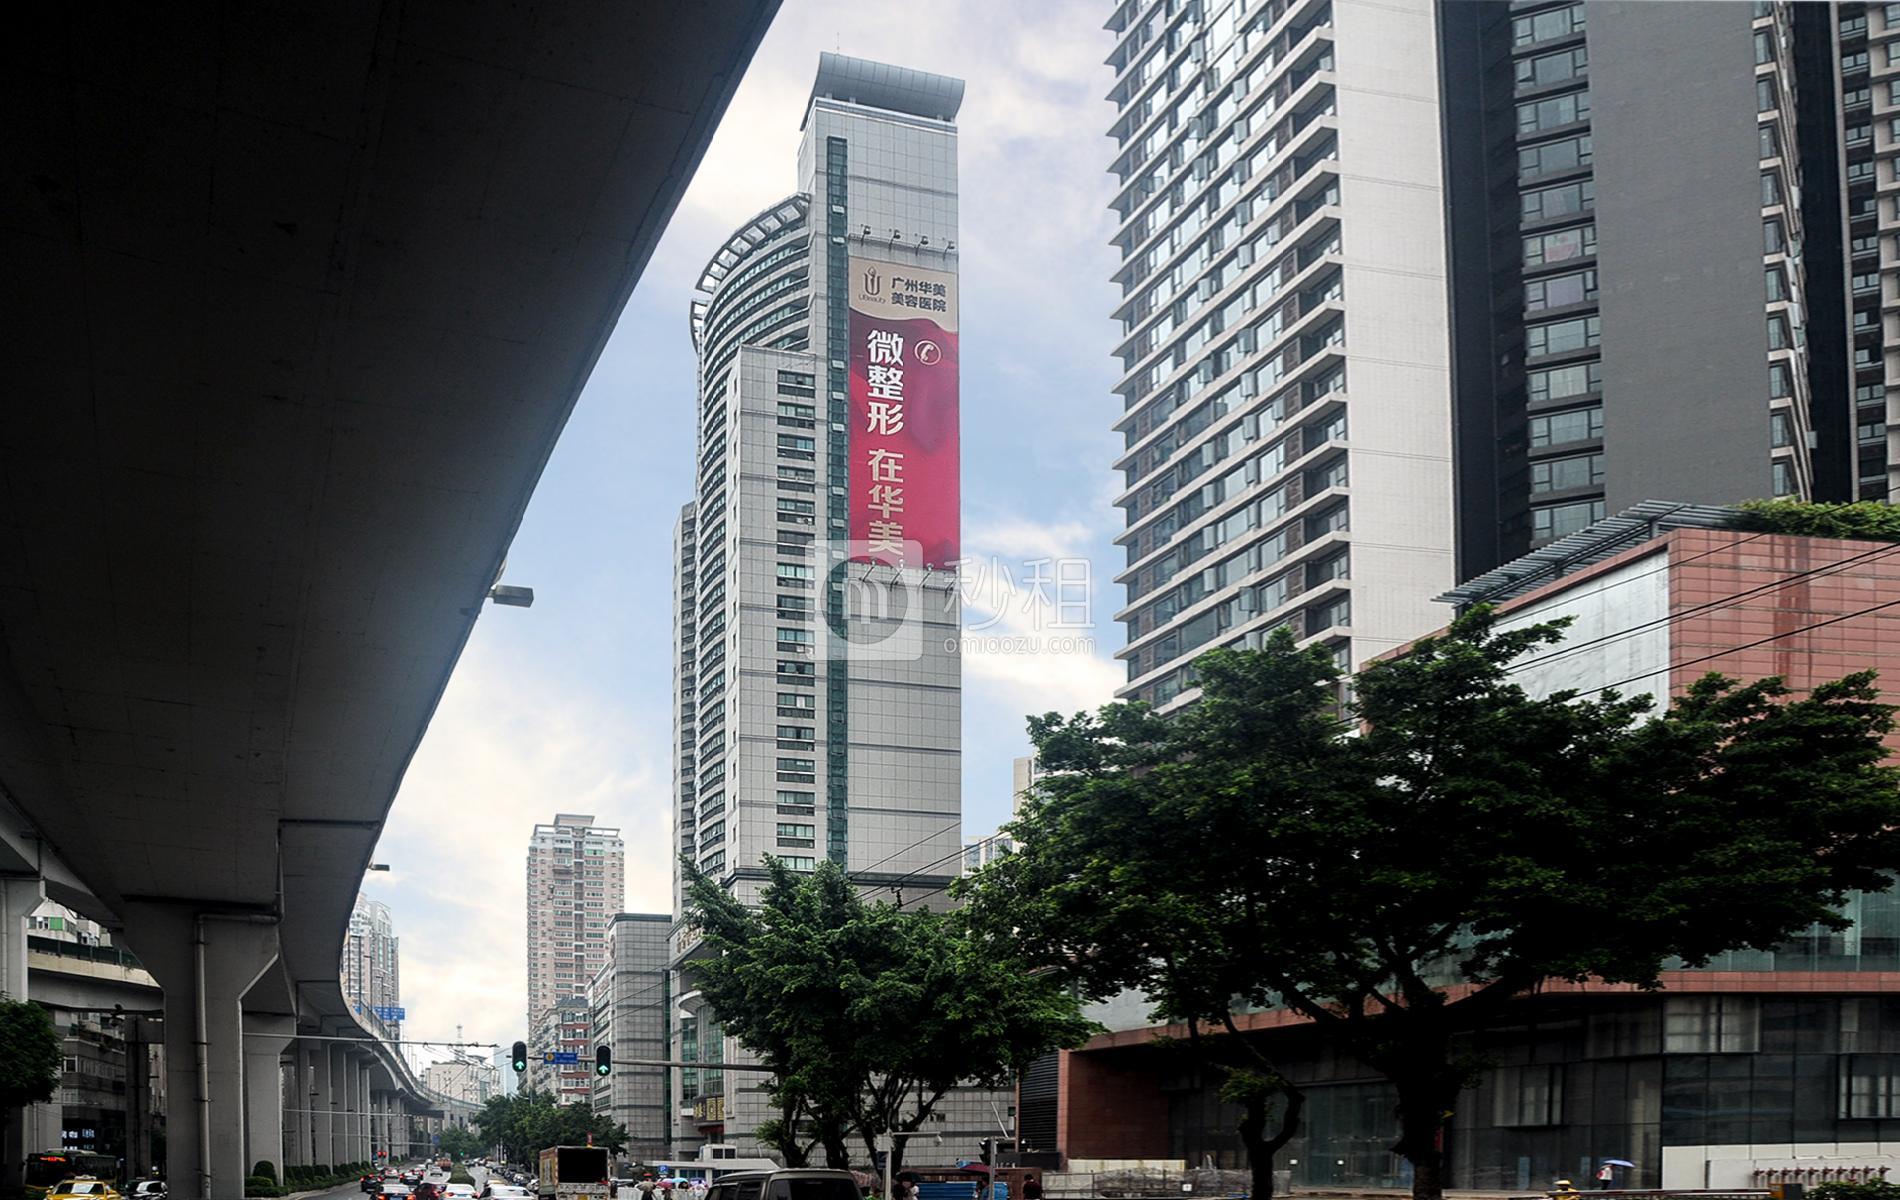 南方铁道大厦写字楼出租/招租/租赁,南方铁道大厦办公室出租/招租/租赁